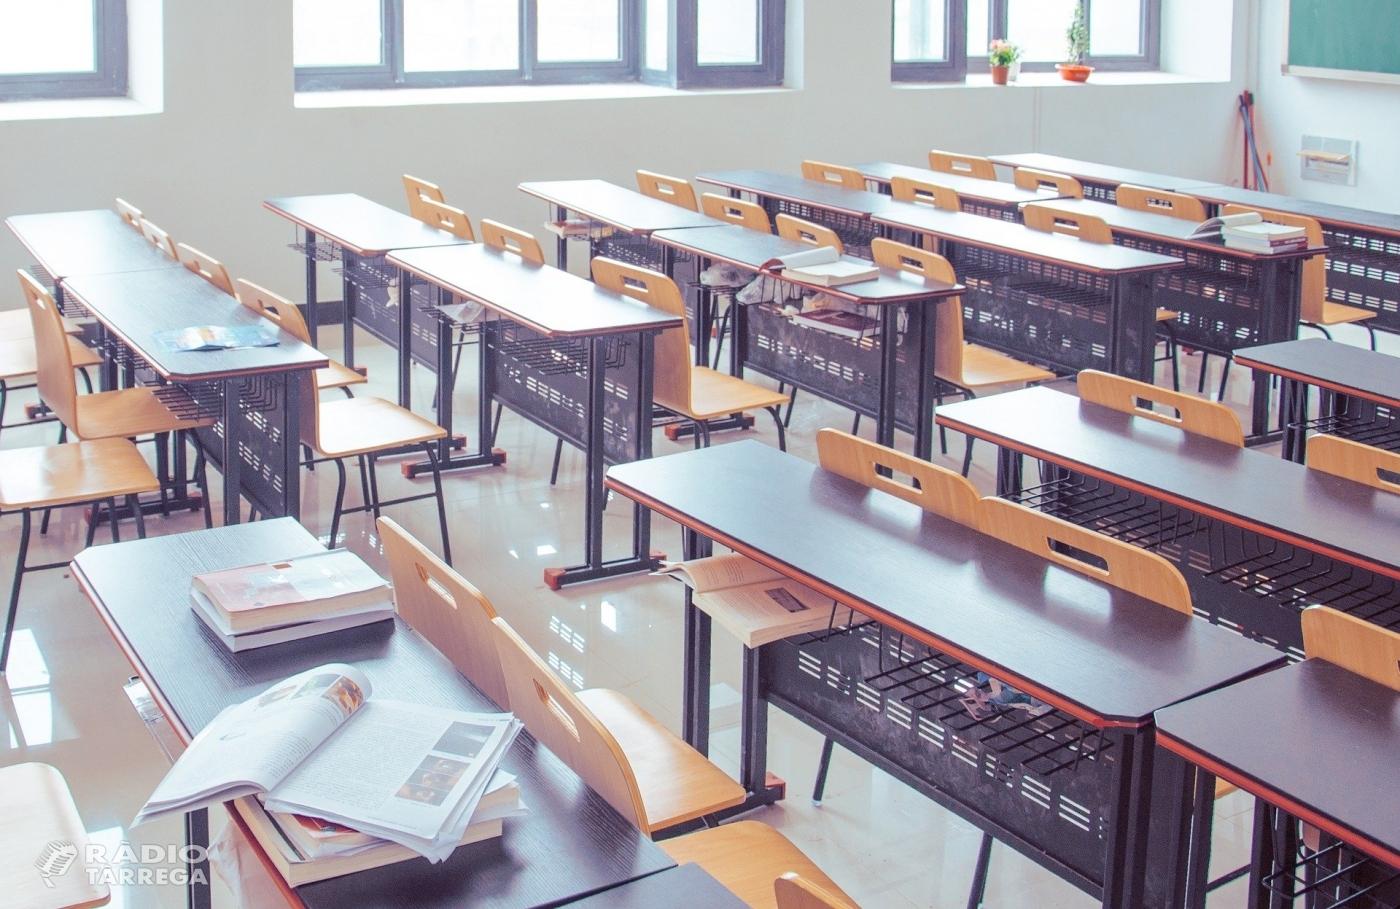 El Govern de la Generalitat anuncia que a partir de demà tanquen els centres educatius i les universitats de tot Catalunya